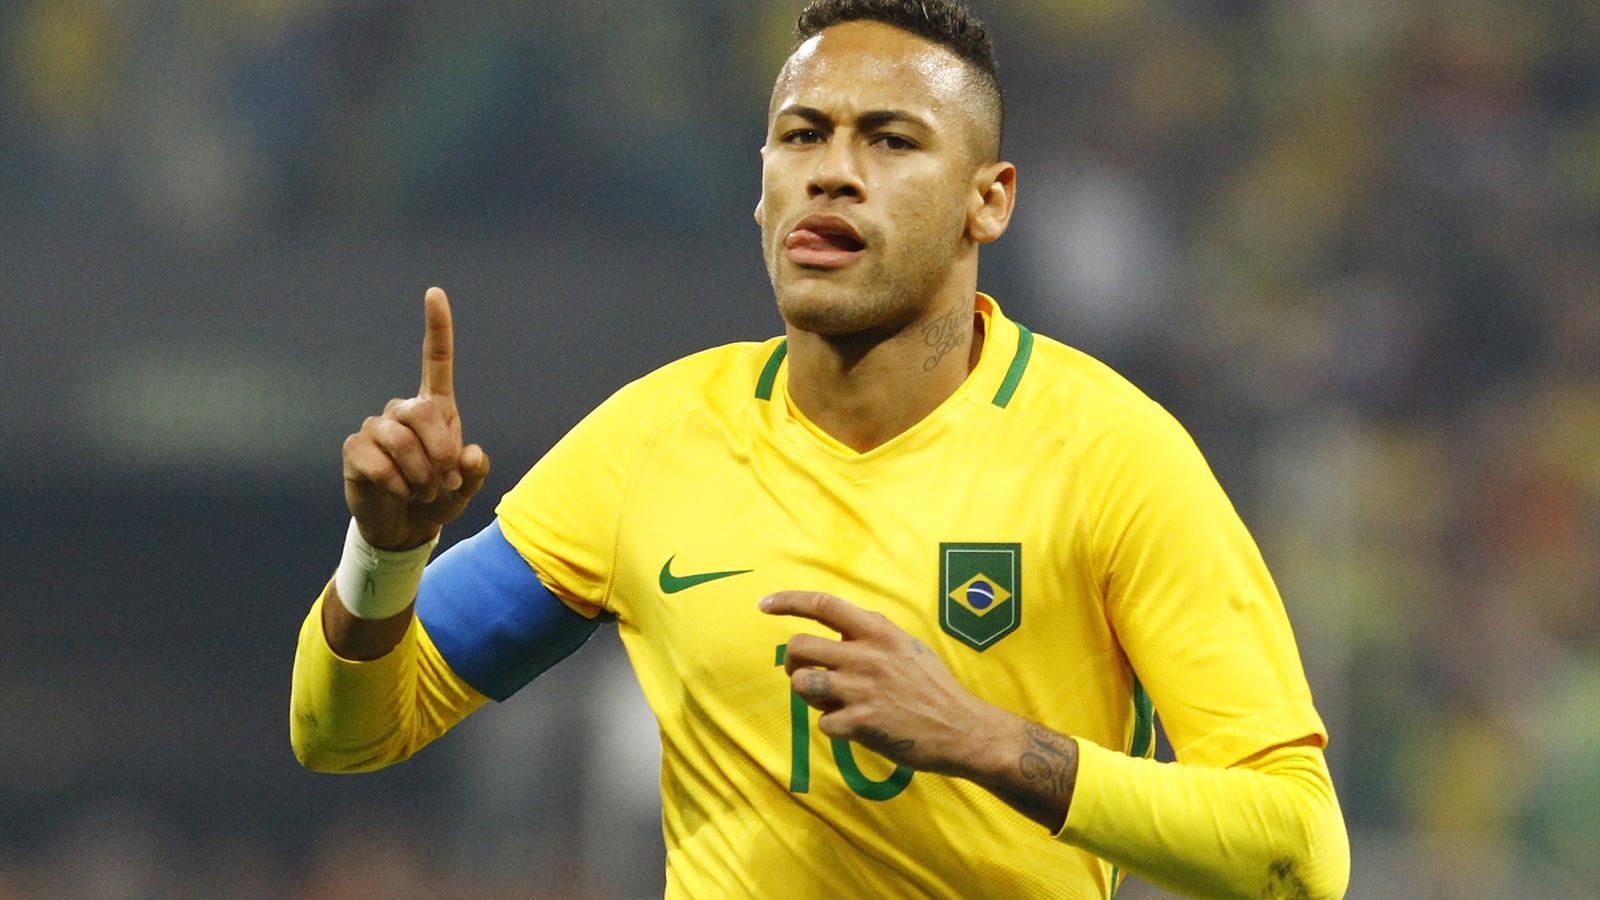 Neymar ustozi: Krishtianu hozirda dunyoda tengsiz, o'ylashimcha Neymar u bilan bir xil saviyada